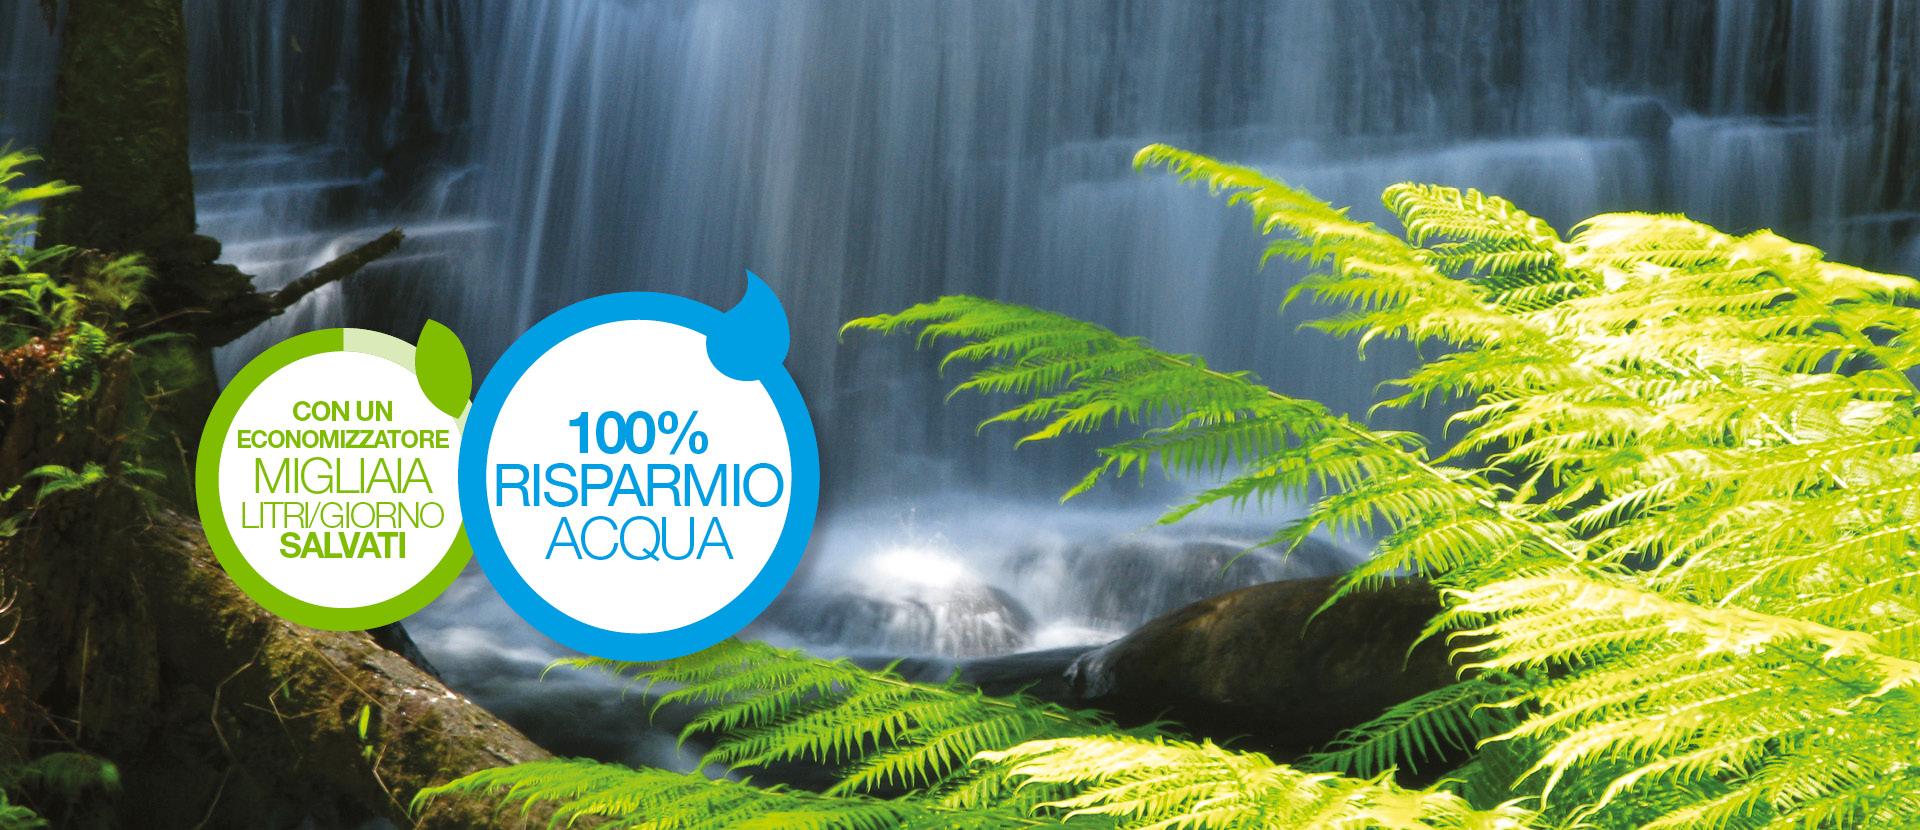 BRX _ Economizzatori risparmio acqua migliaia di litri salvati al giorno